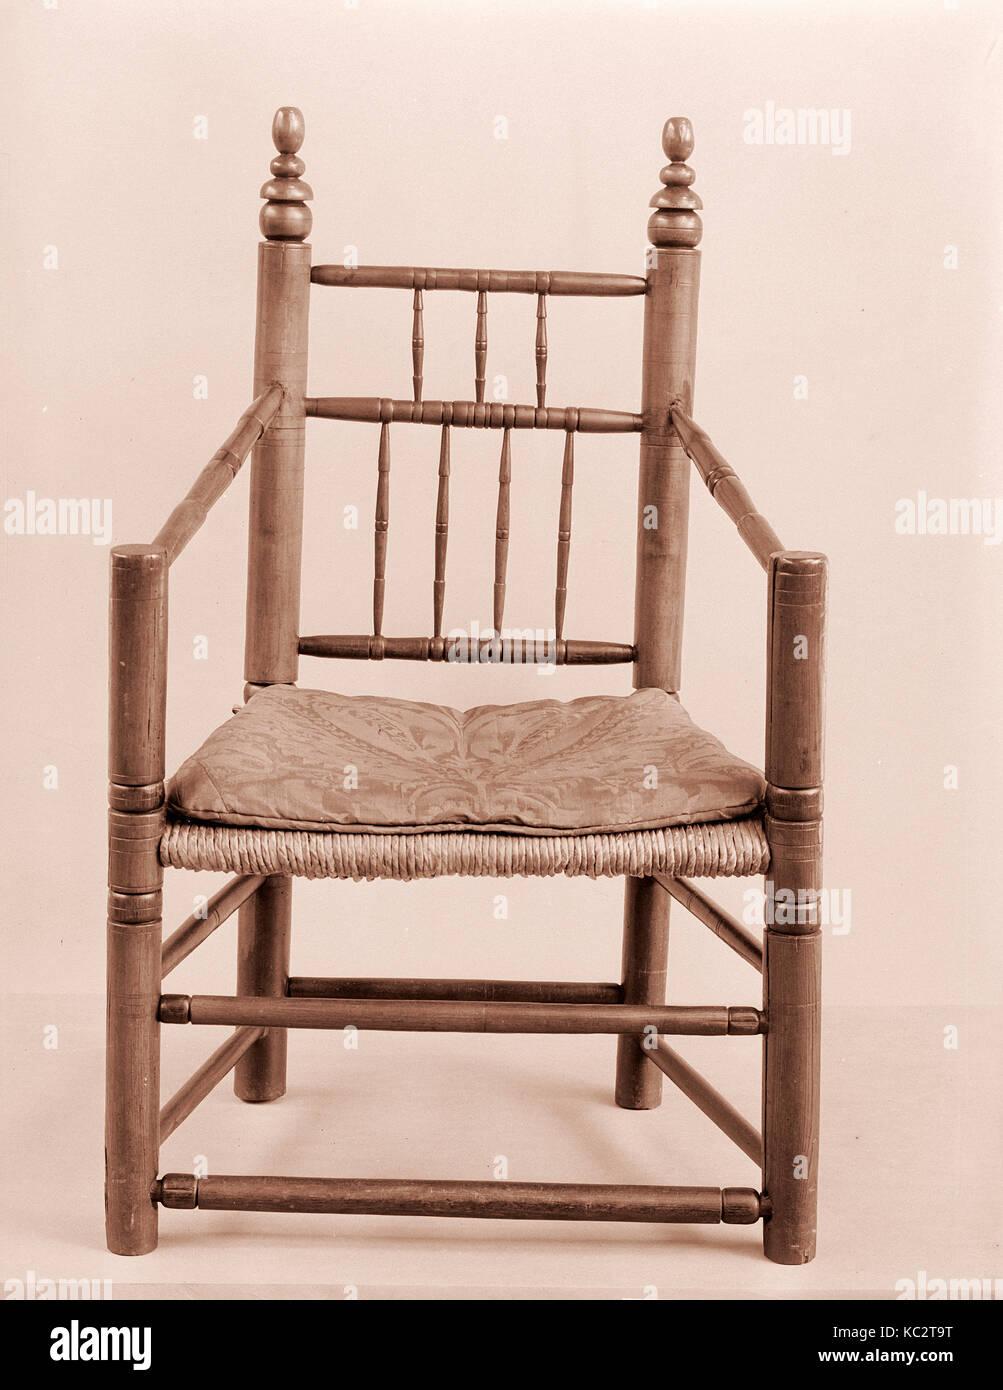 Girado sillón, 1650-1700, realizado en Estados Unidos, American, arces, fresnos, 40 x 25 x 17 1/2 pulg. (101,6 x 63,5 x 44,5 cm. Foto de stock